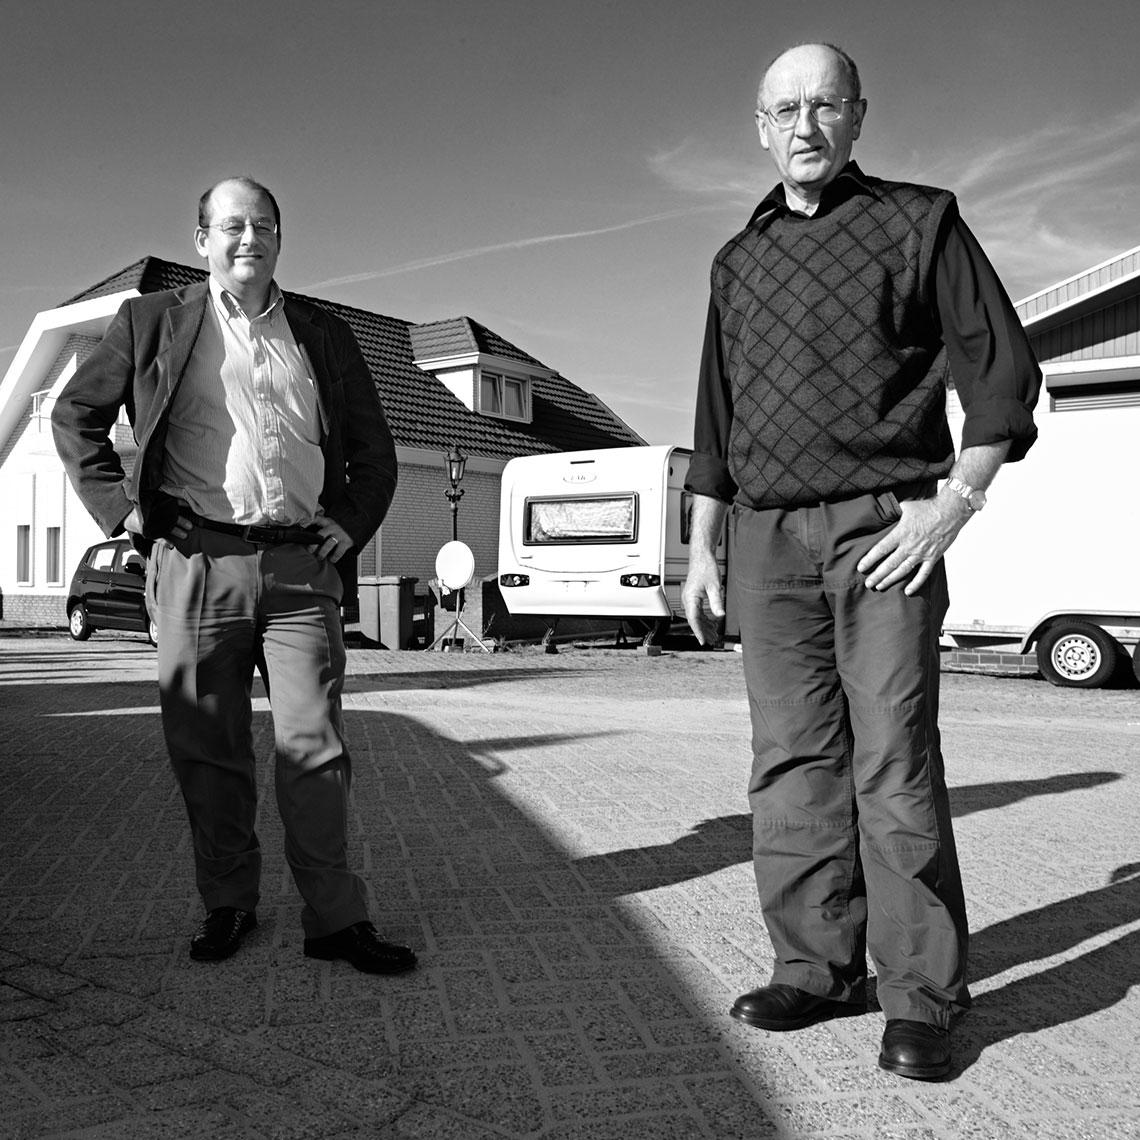 Ber van Rooij en Ad van Kreij | portrait photography | Mike Harris Photography